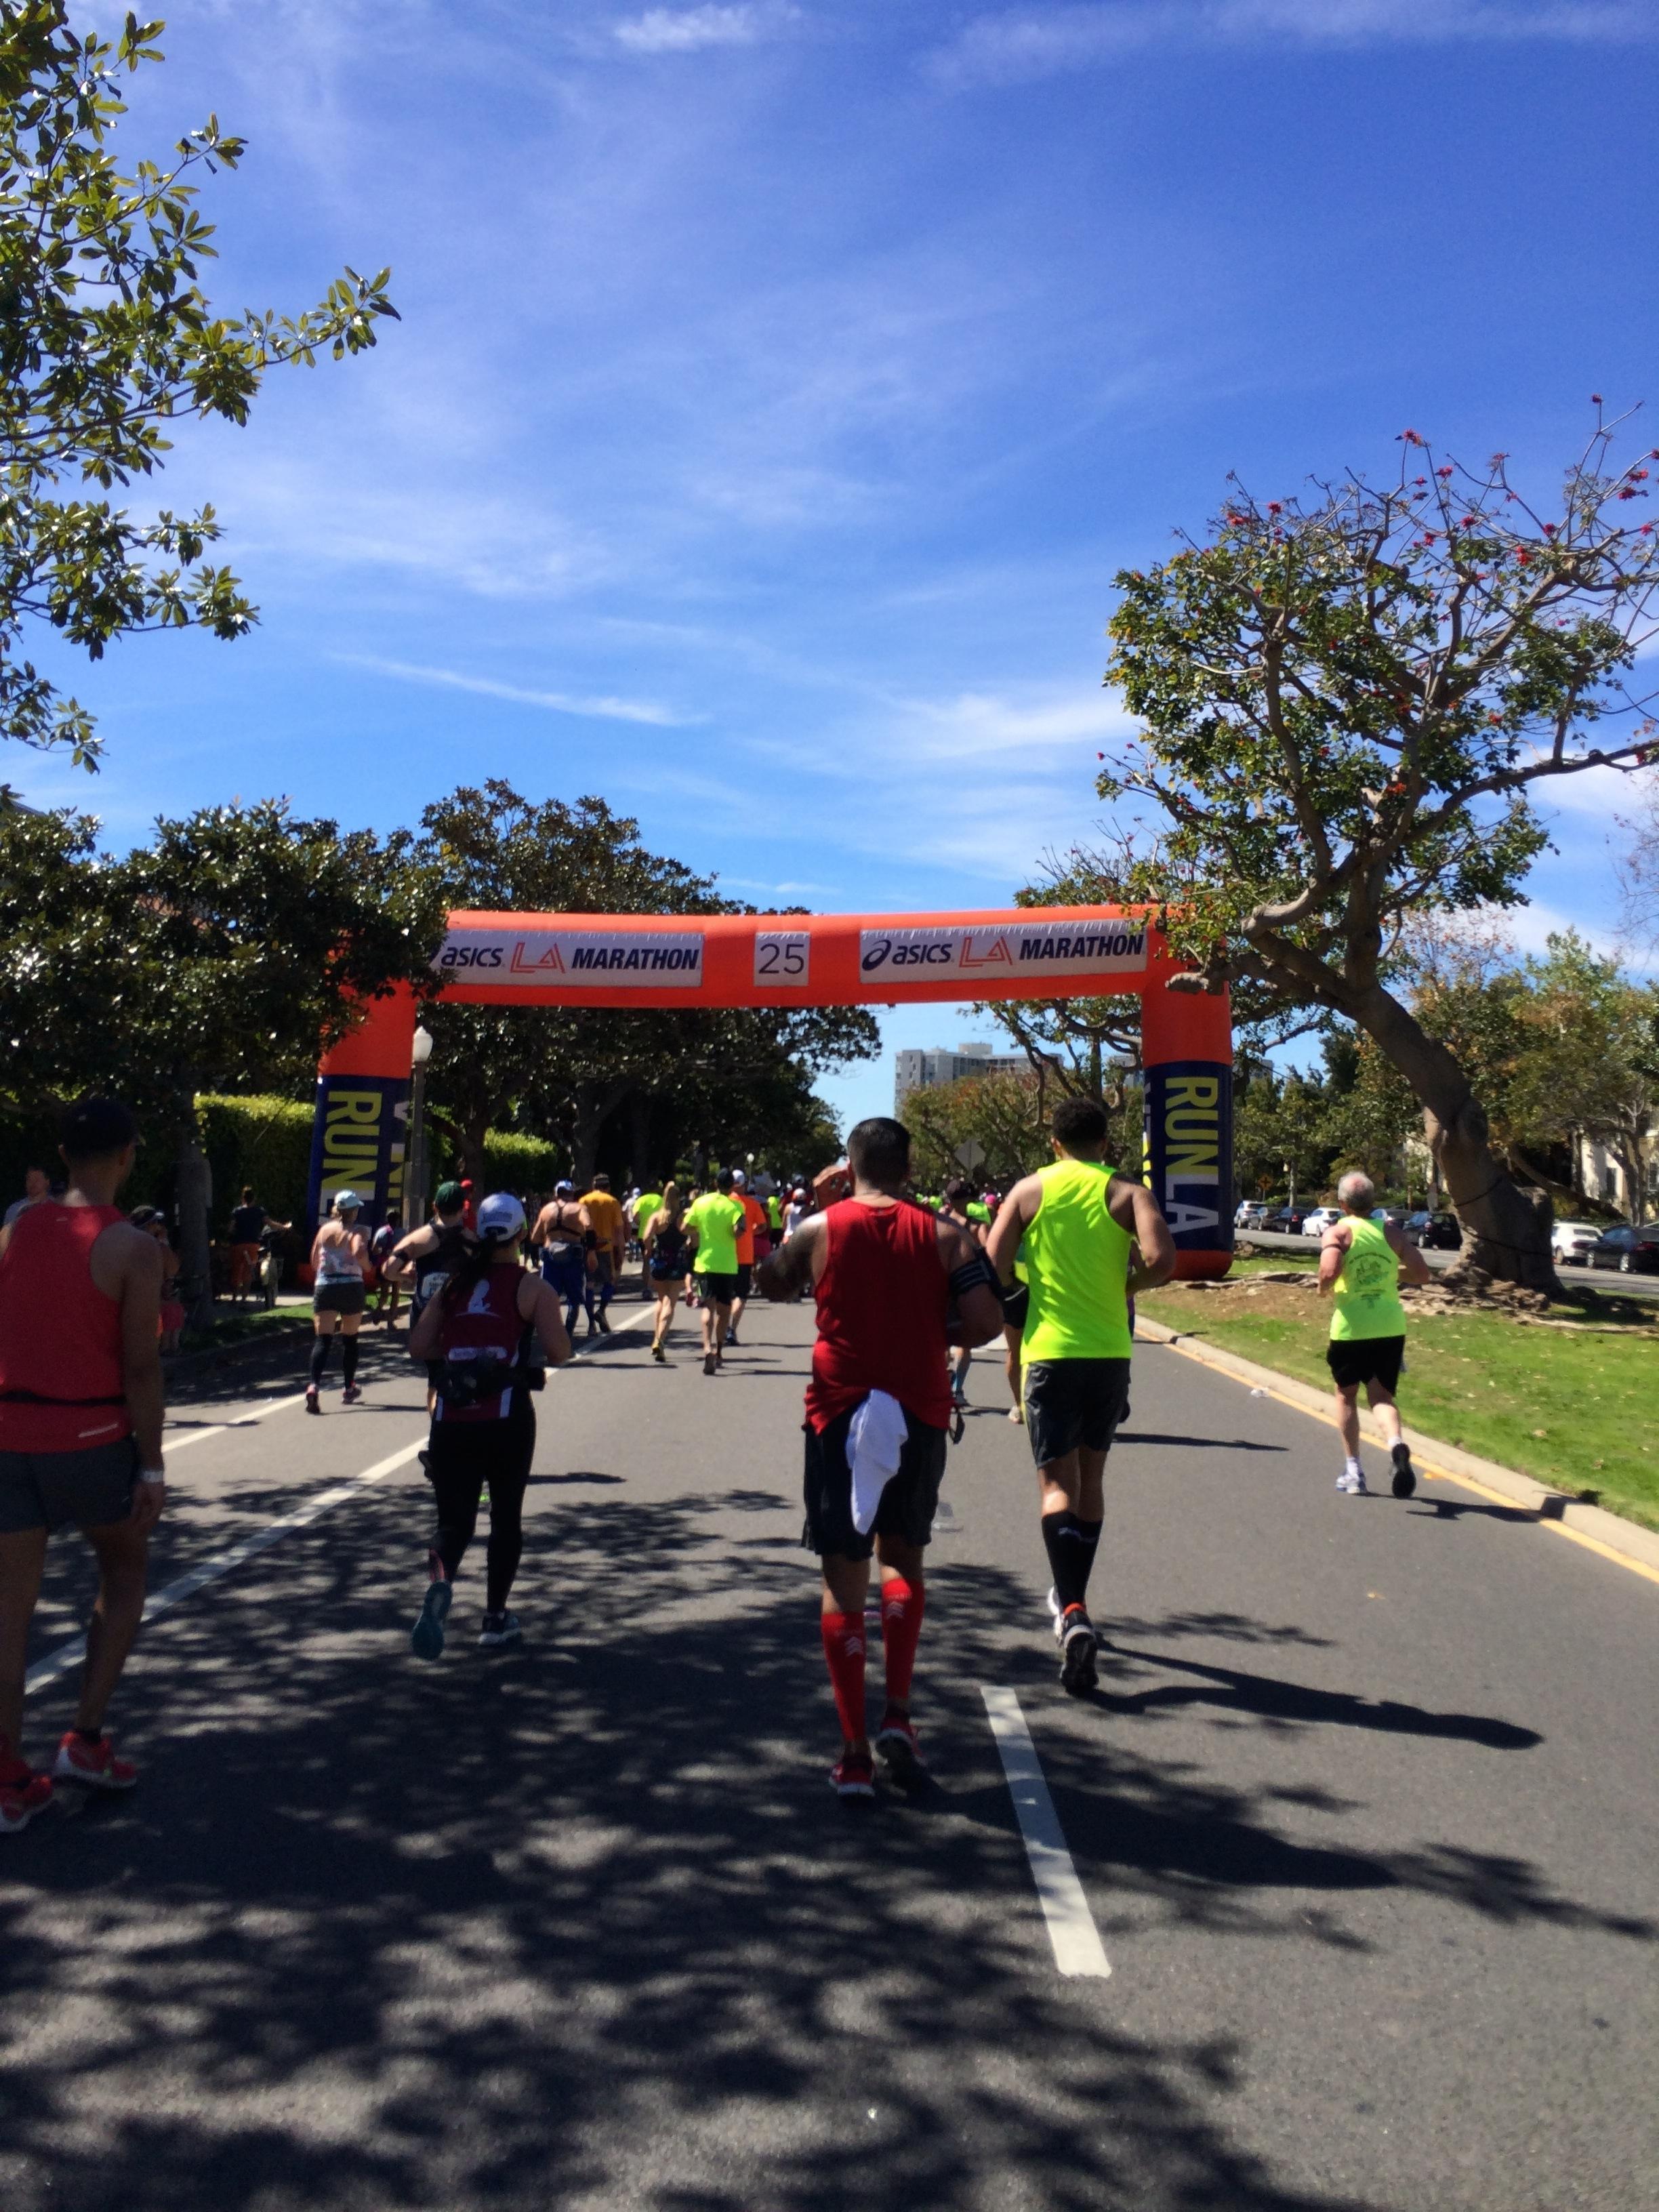 LA-Marathon-25-mile